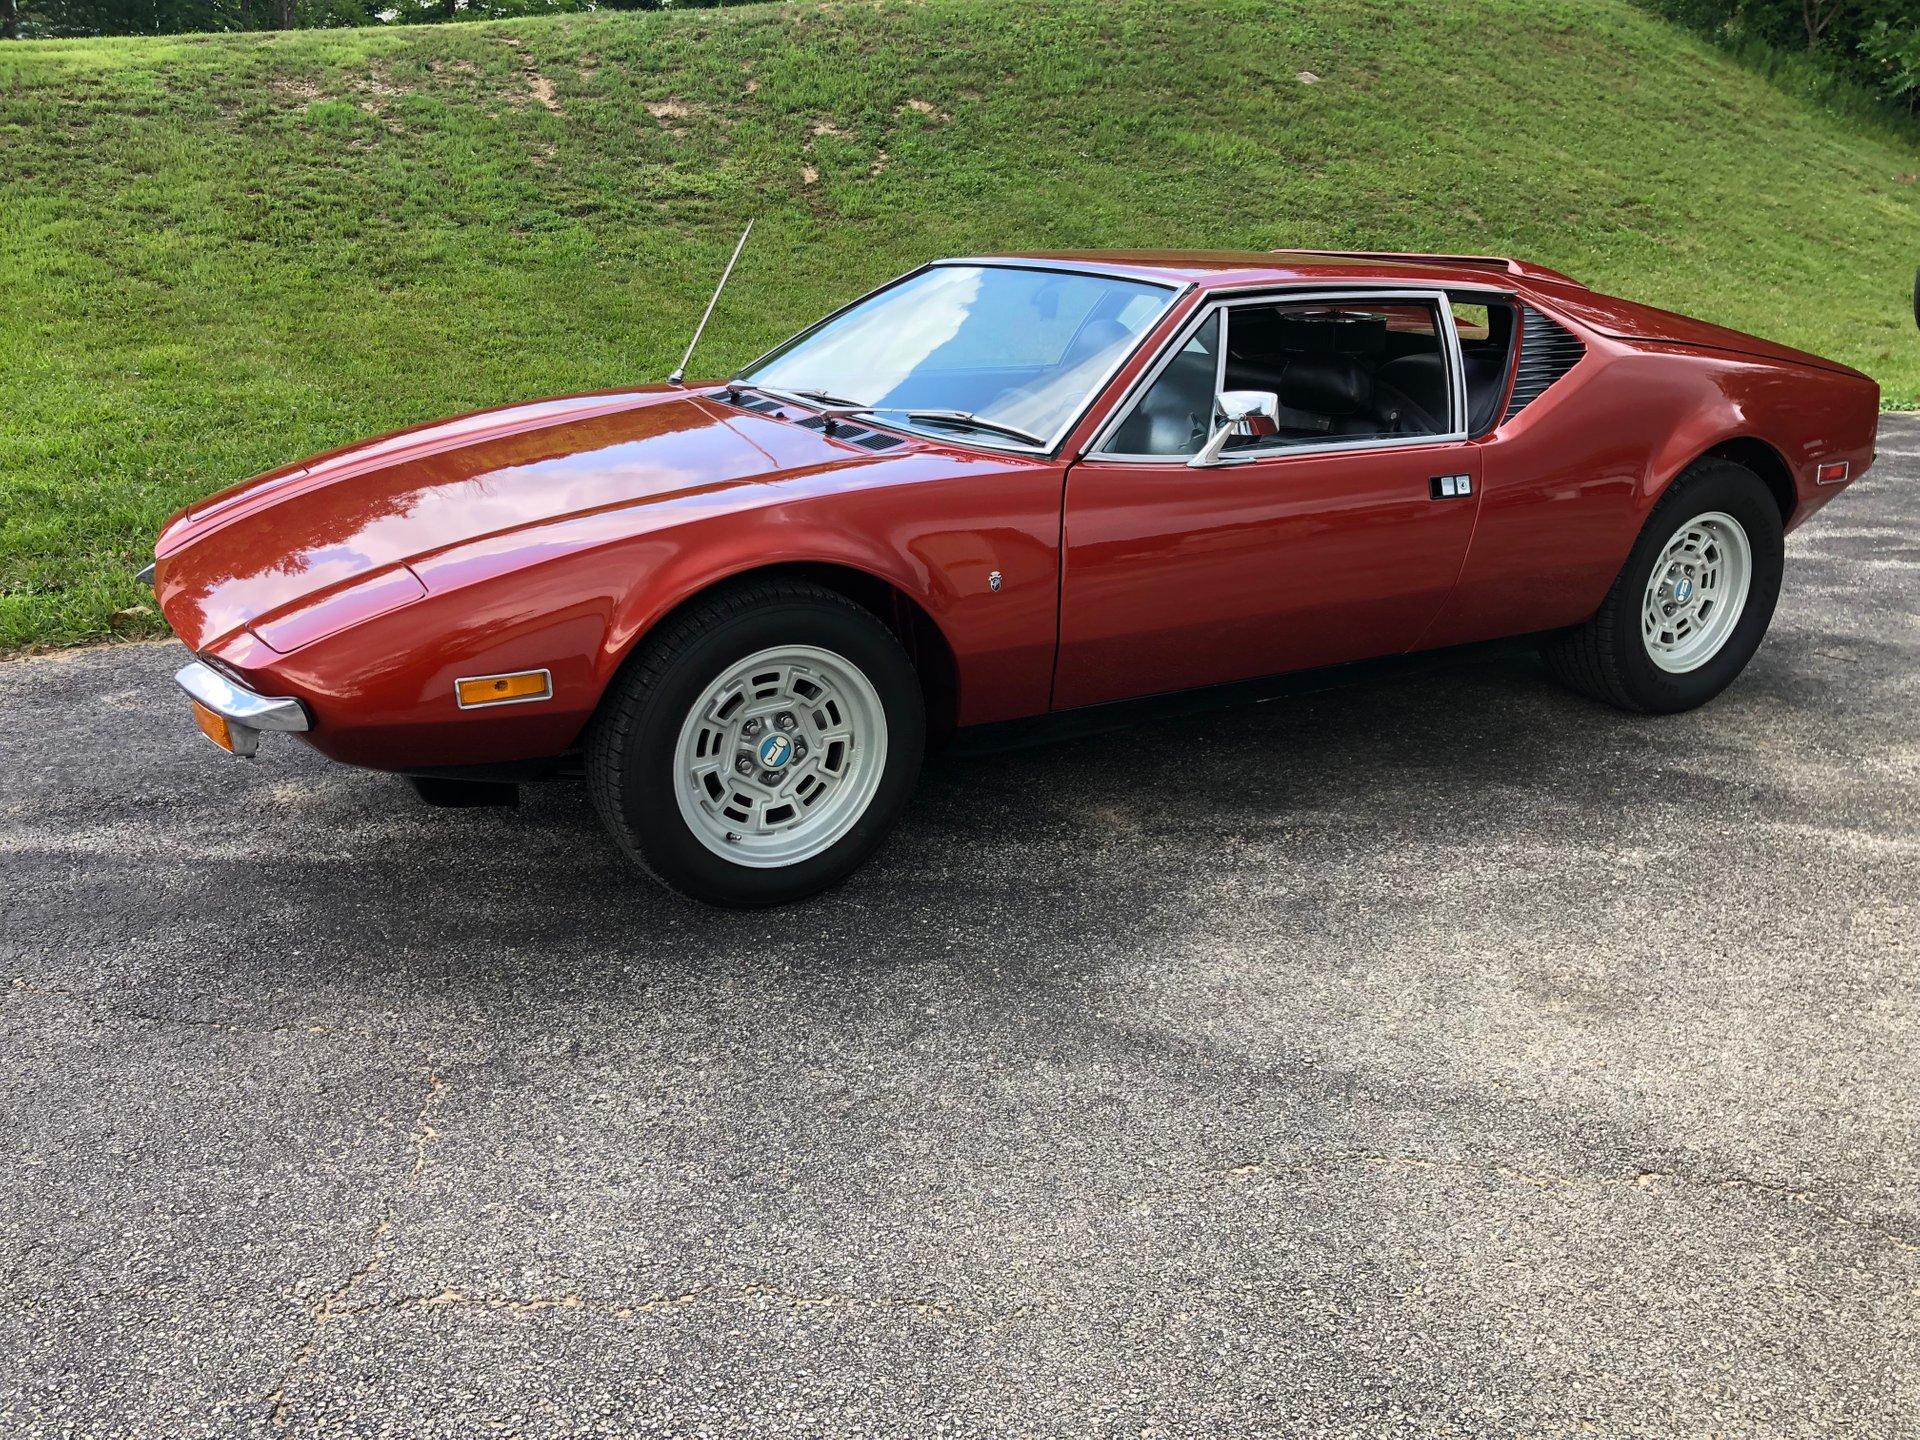 1972 de tomaso pantera coupe